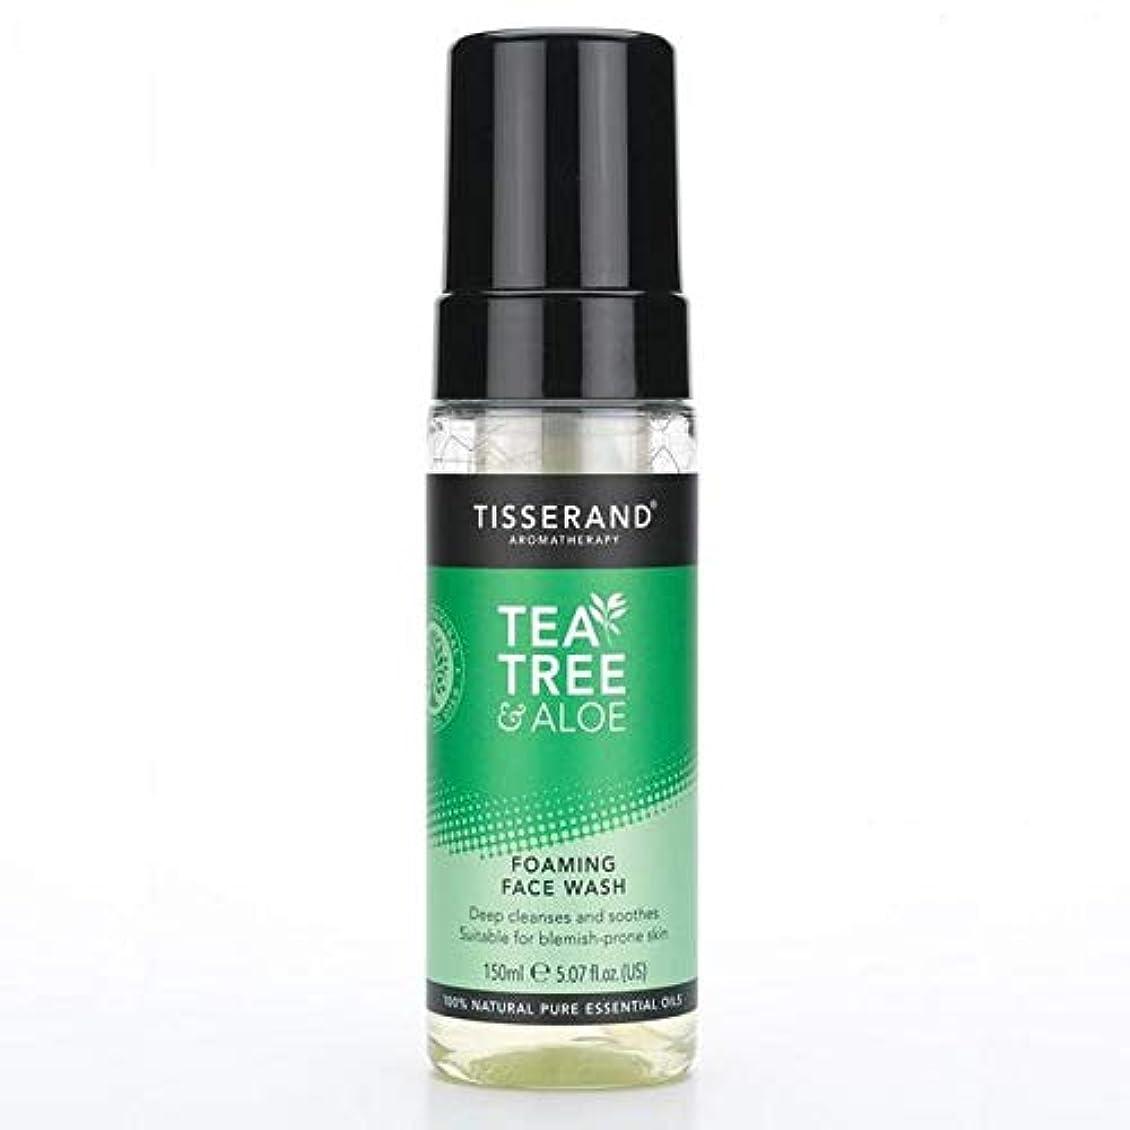 区お手伝いさん愚かな[Tisserand] 洗顔料の150ミリリットルを発泡ティスランドティーツリー&アロエ - Tisserand Tea Tree & Aloe Foaming Face Wash 150ml [並行輸入品]